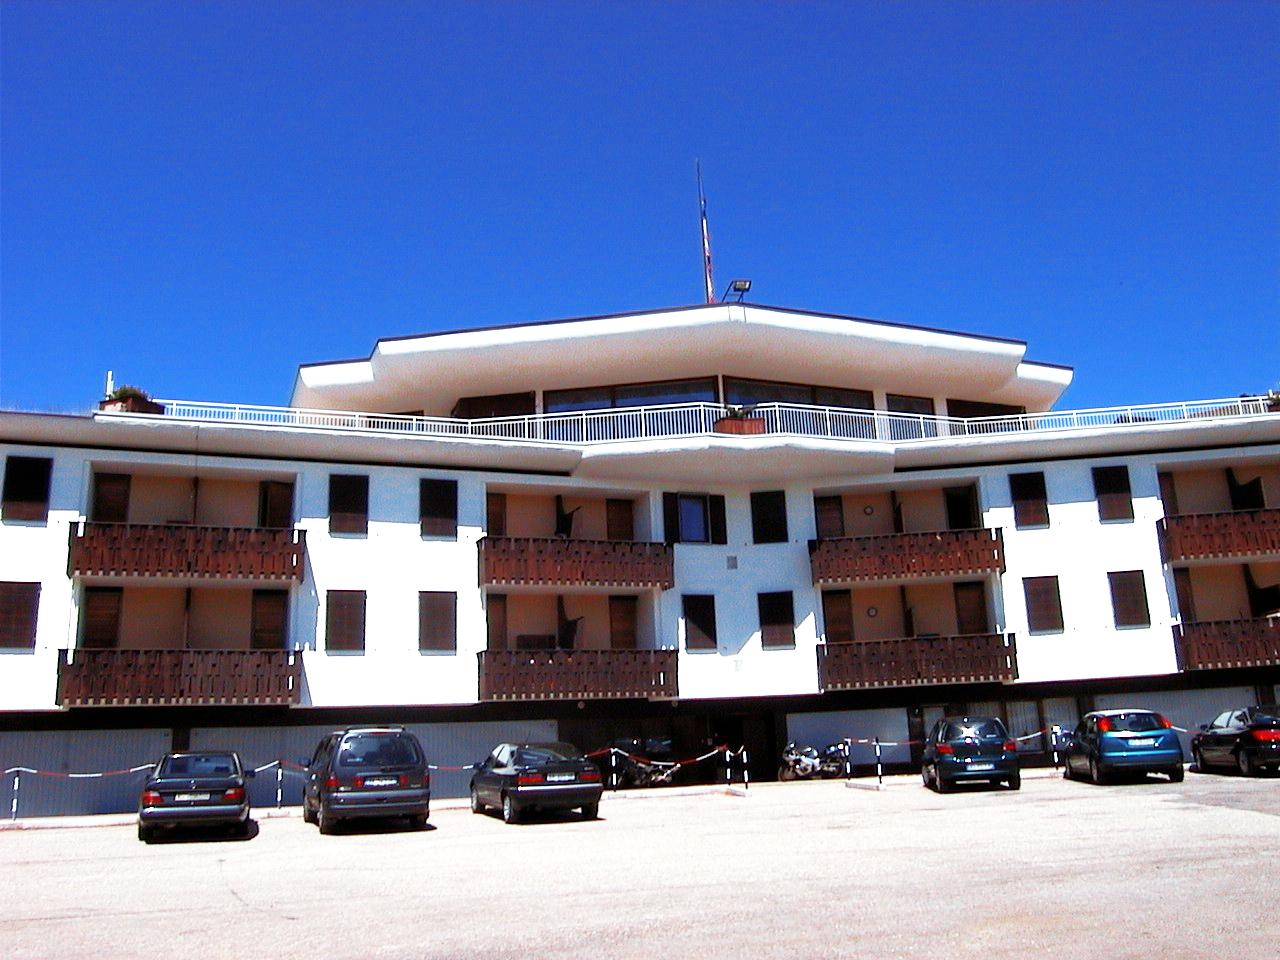 Hotel Seis - Referenzen